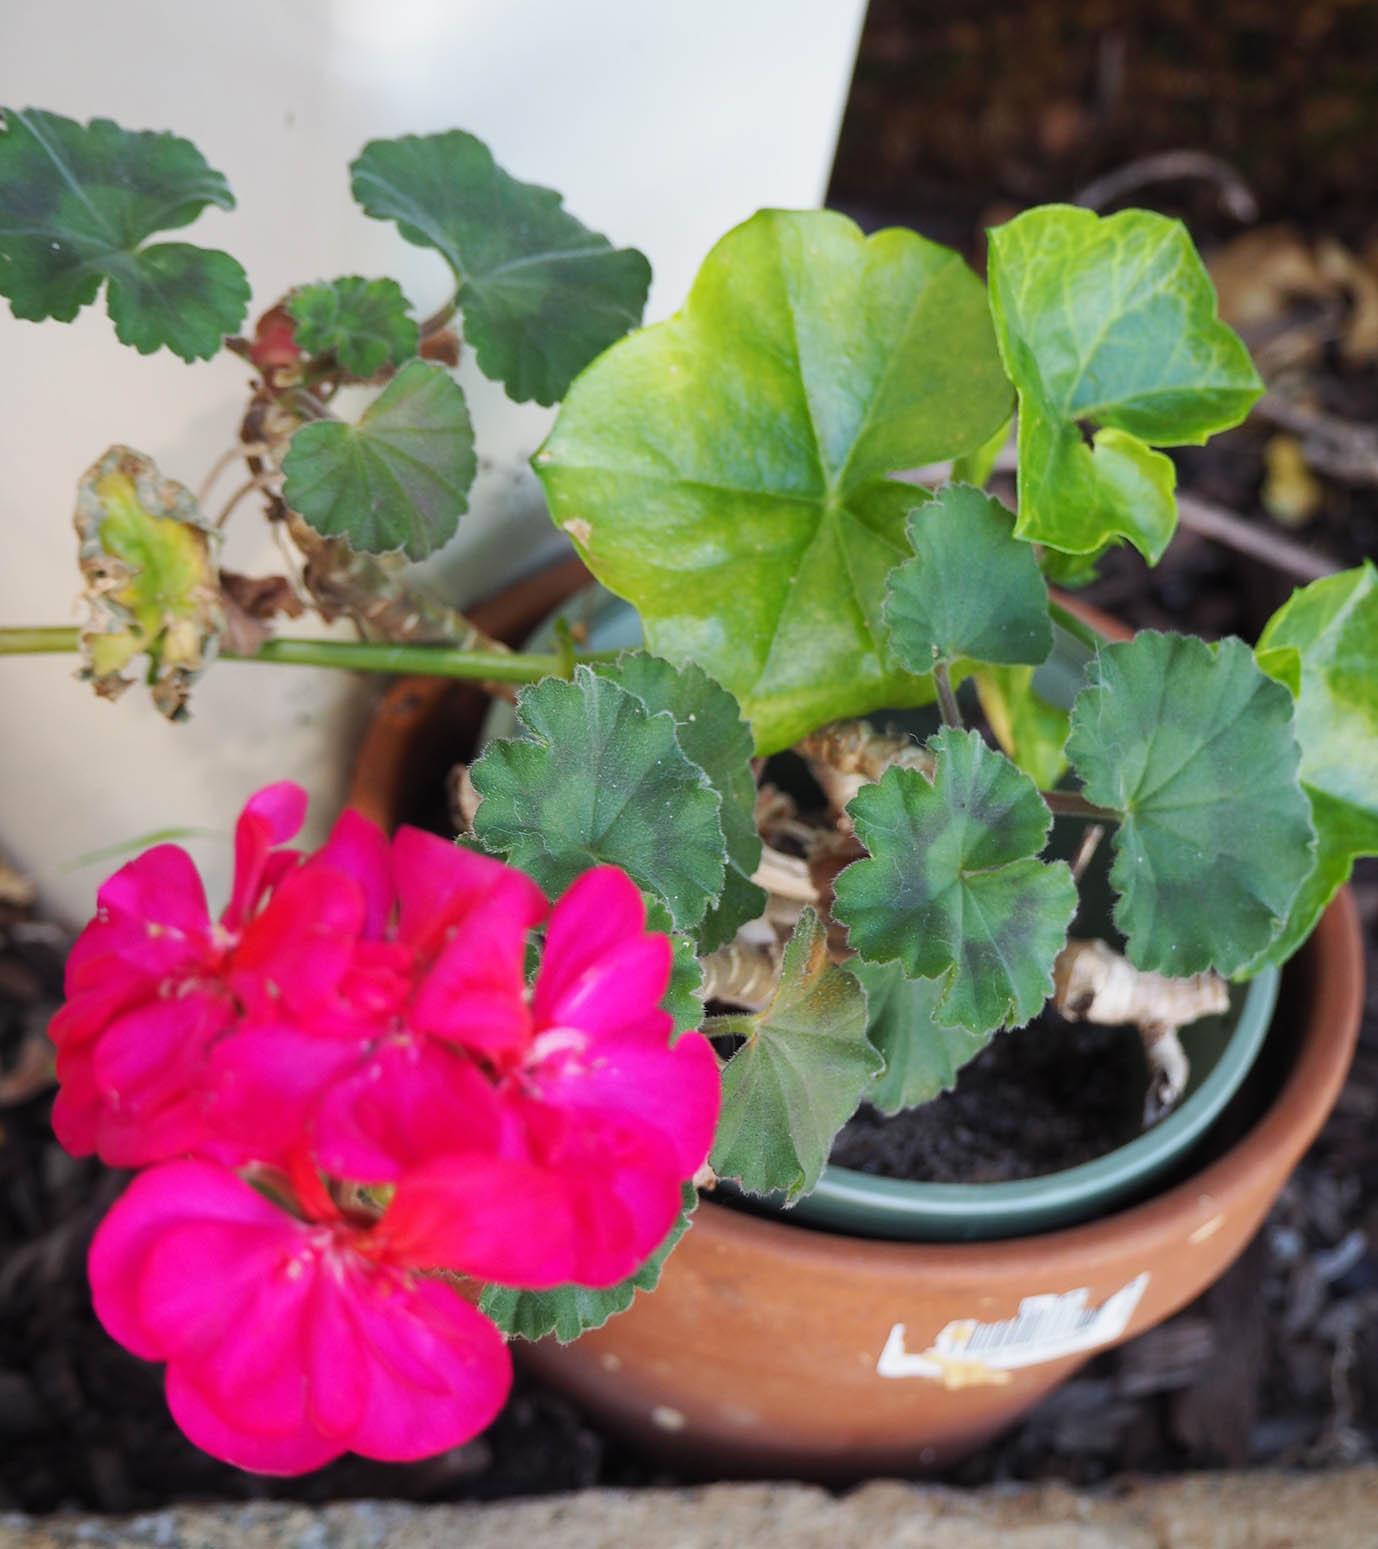 Forgotten geranium